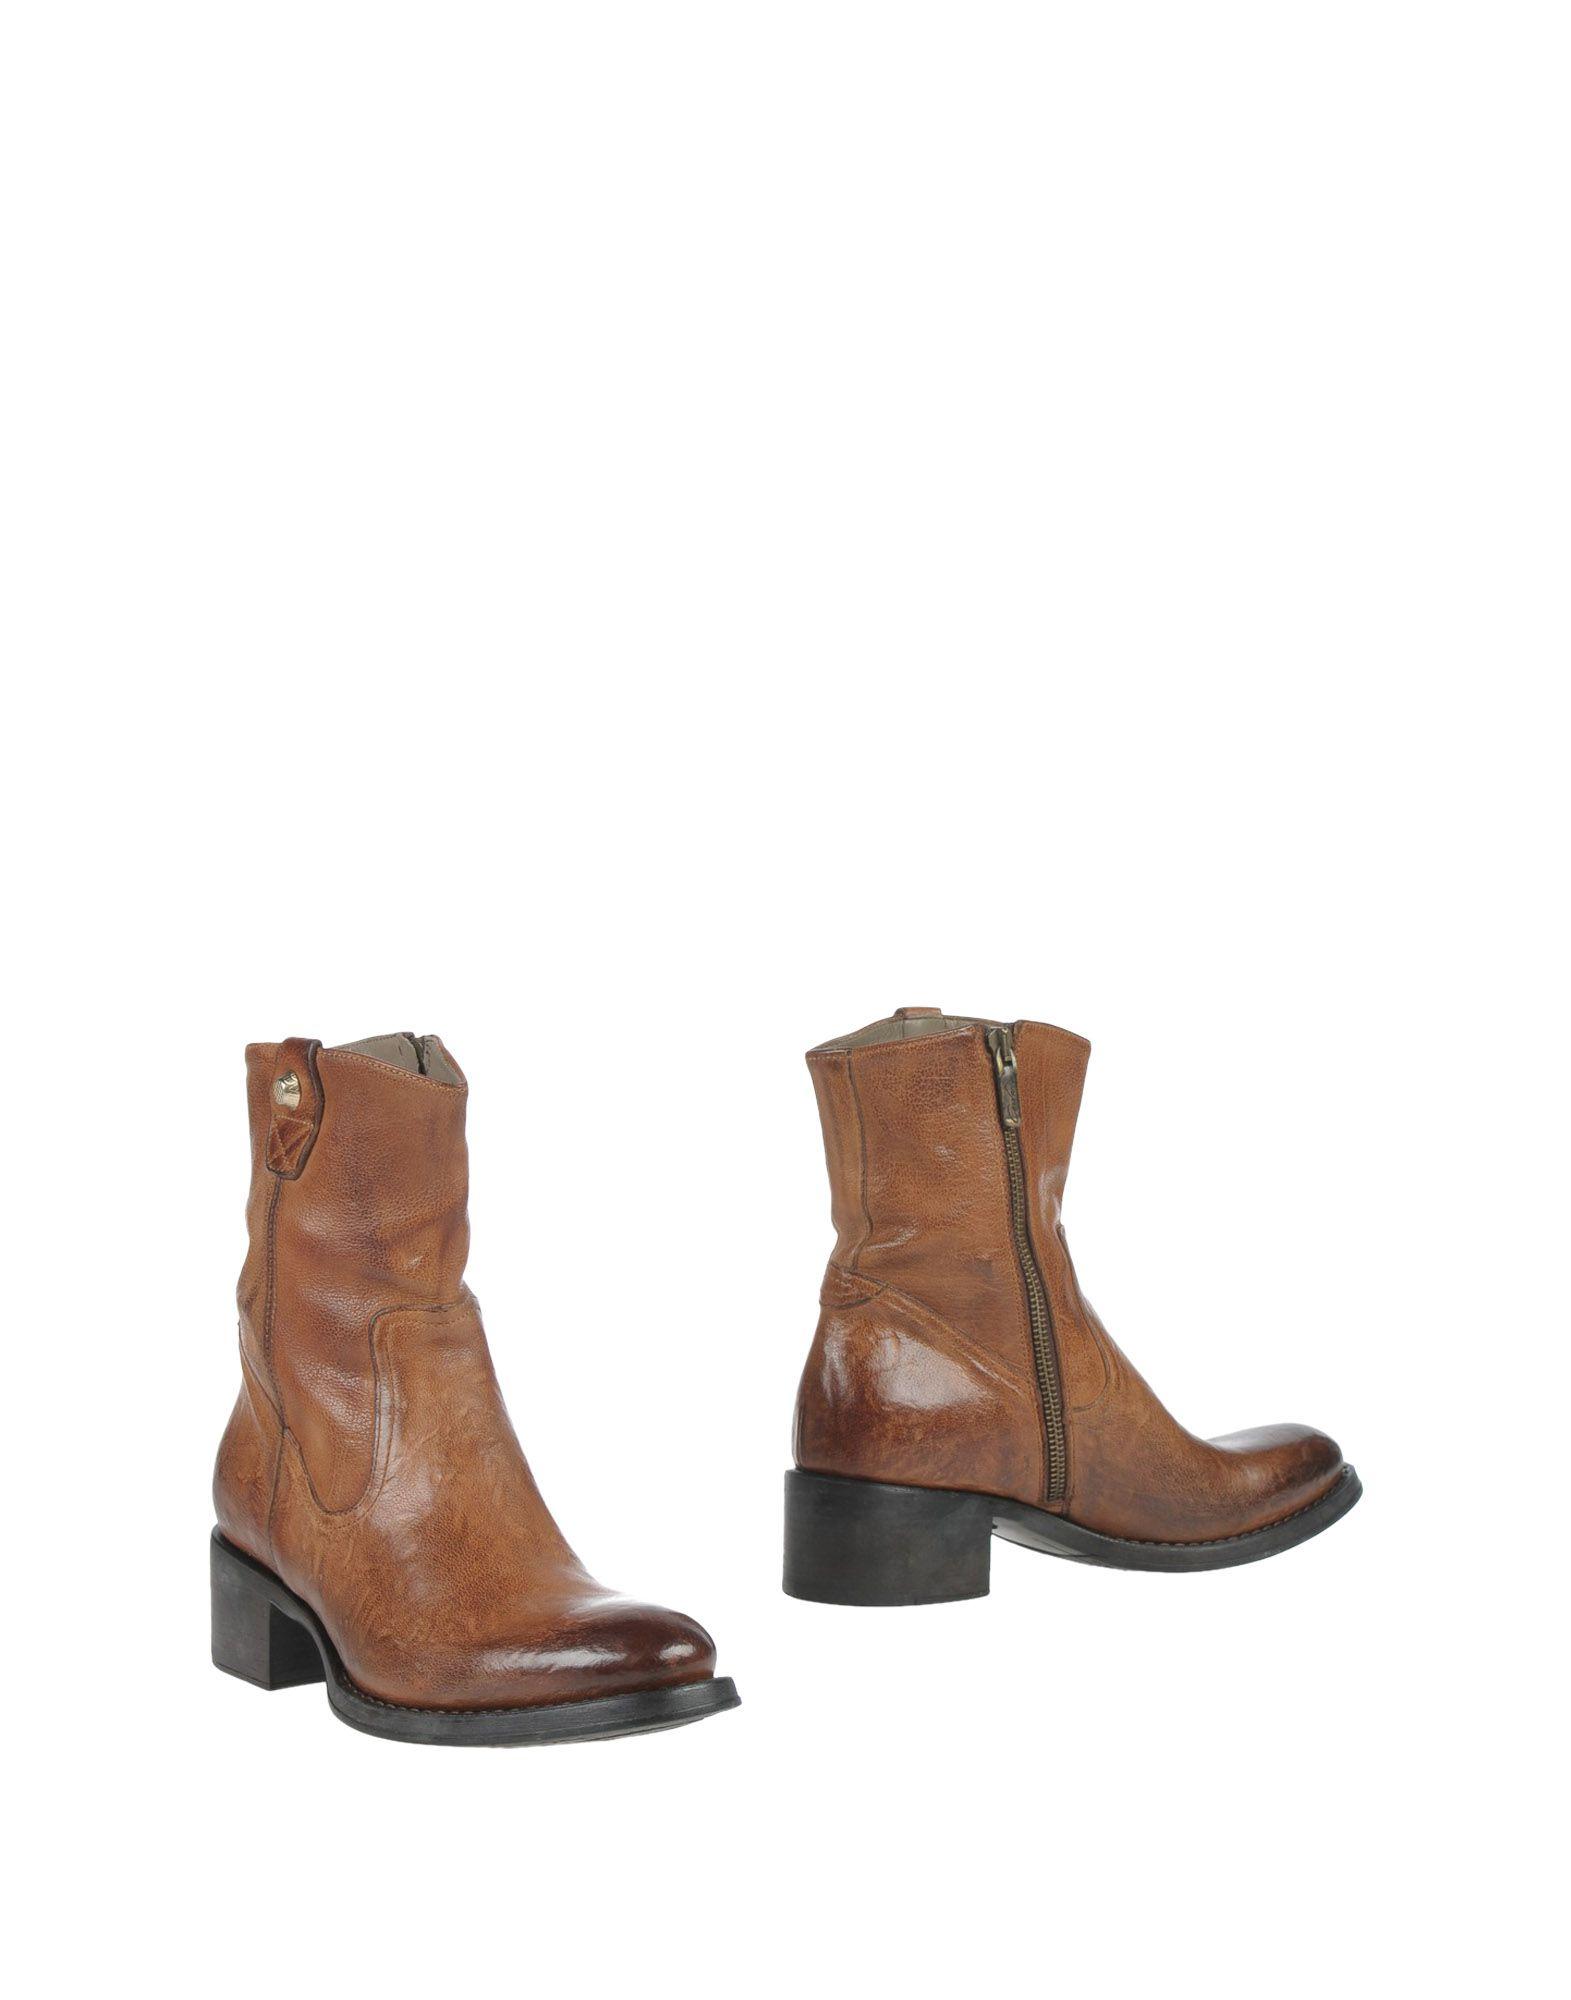 CORVARI Damen Stiefelette Farbe Braun Größe 7 jetztbilligerkaufen